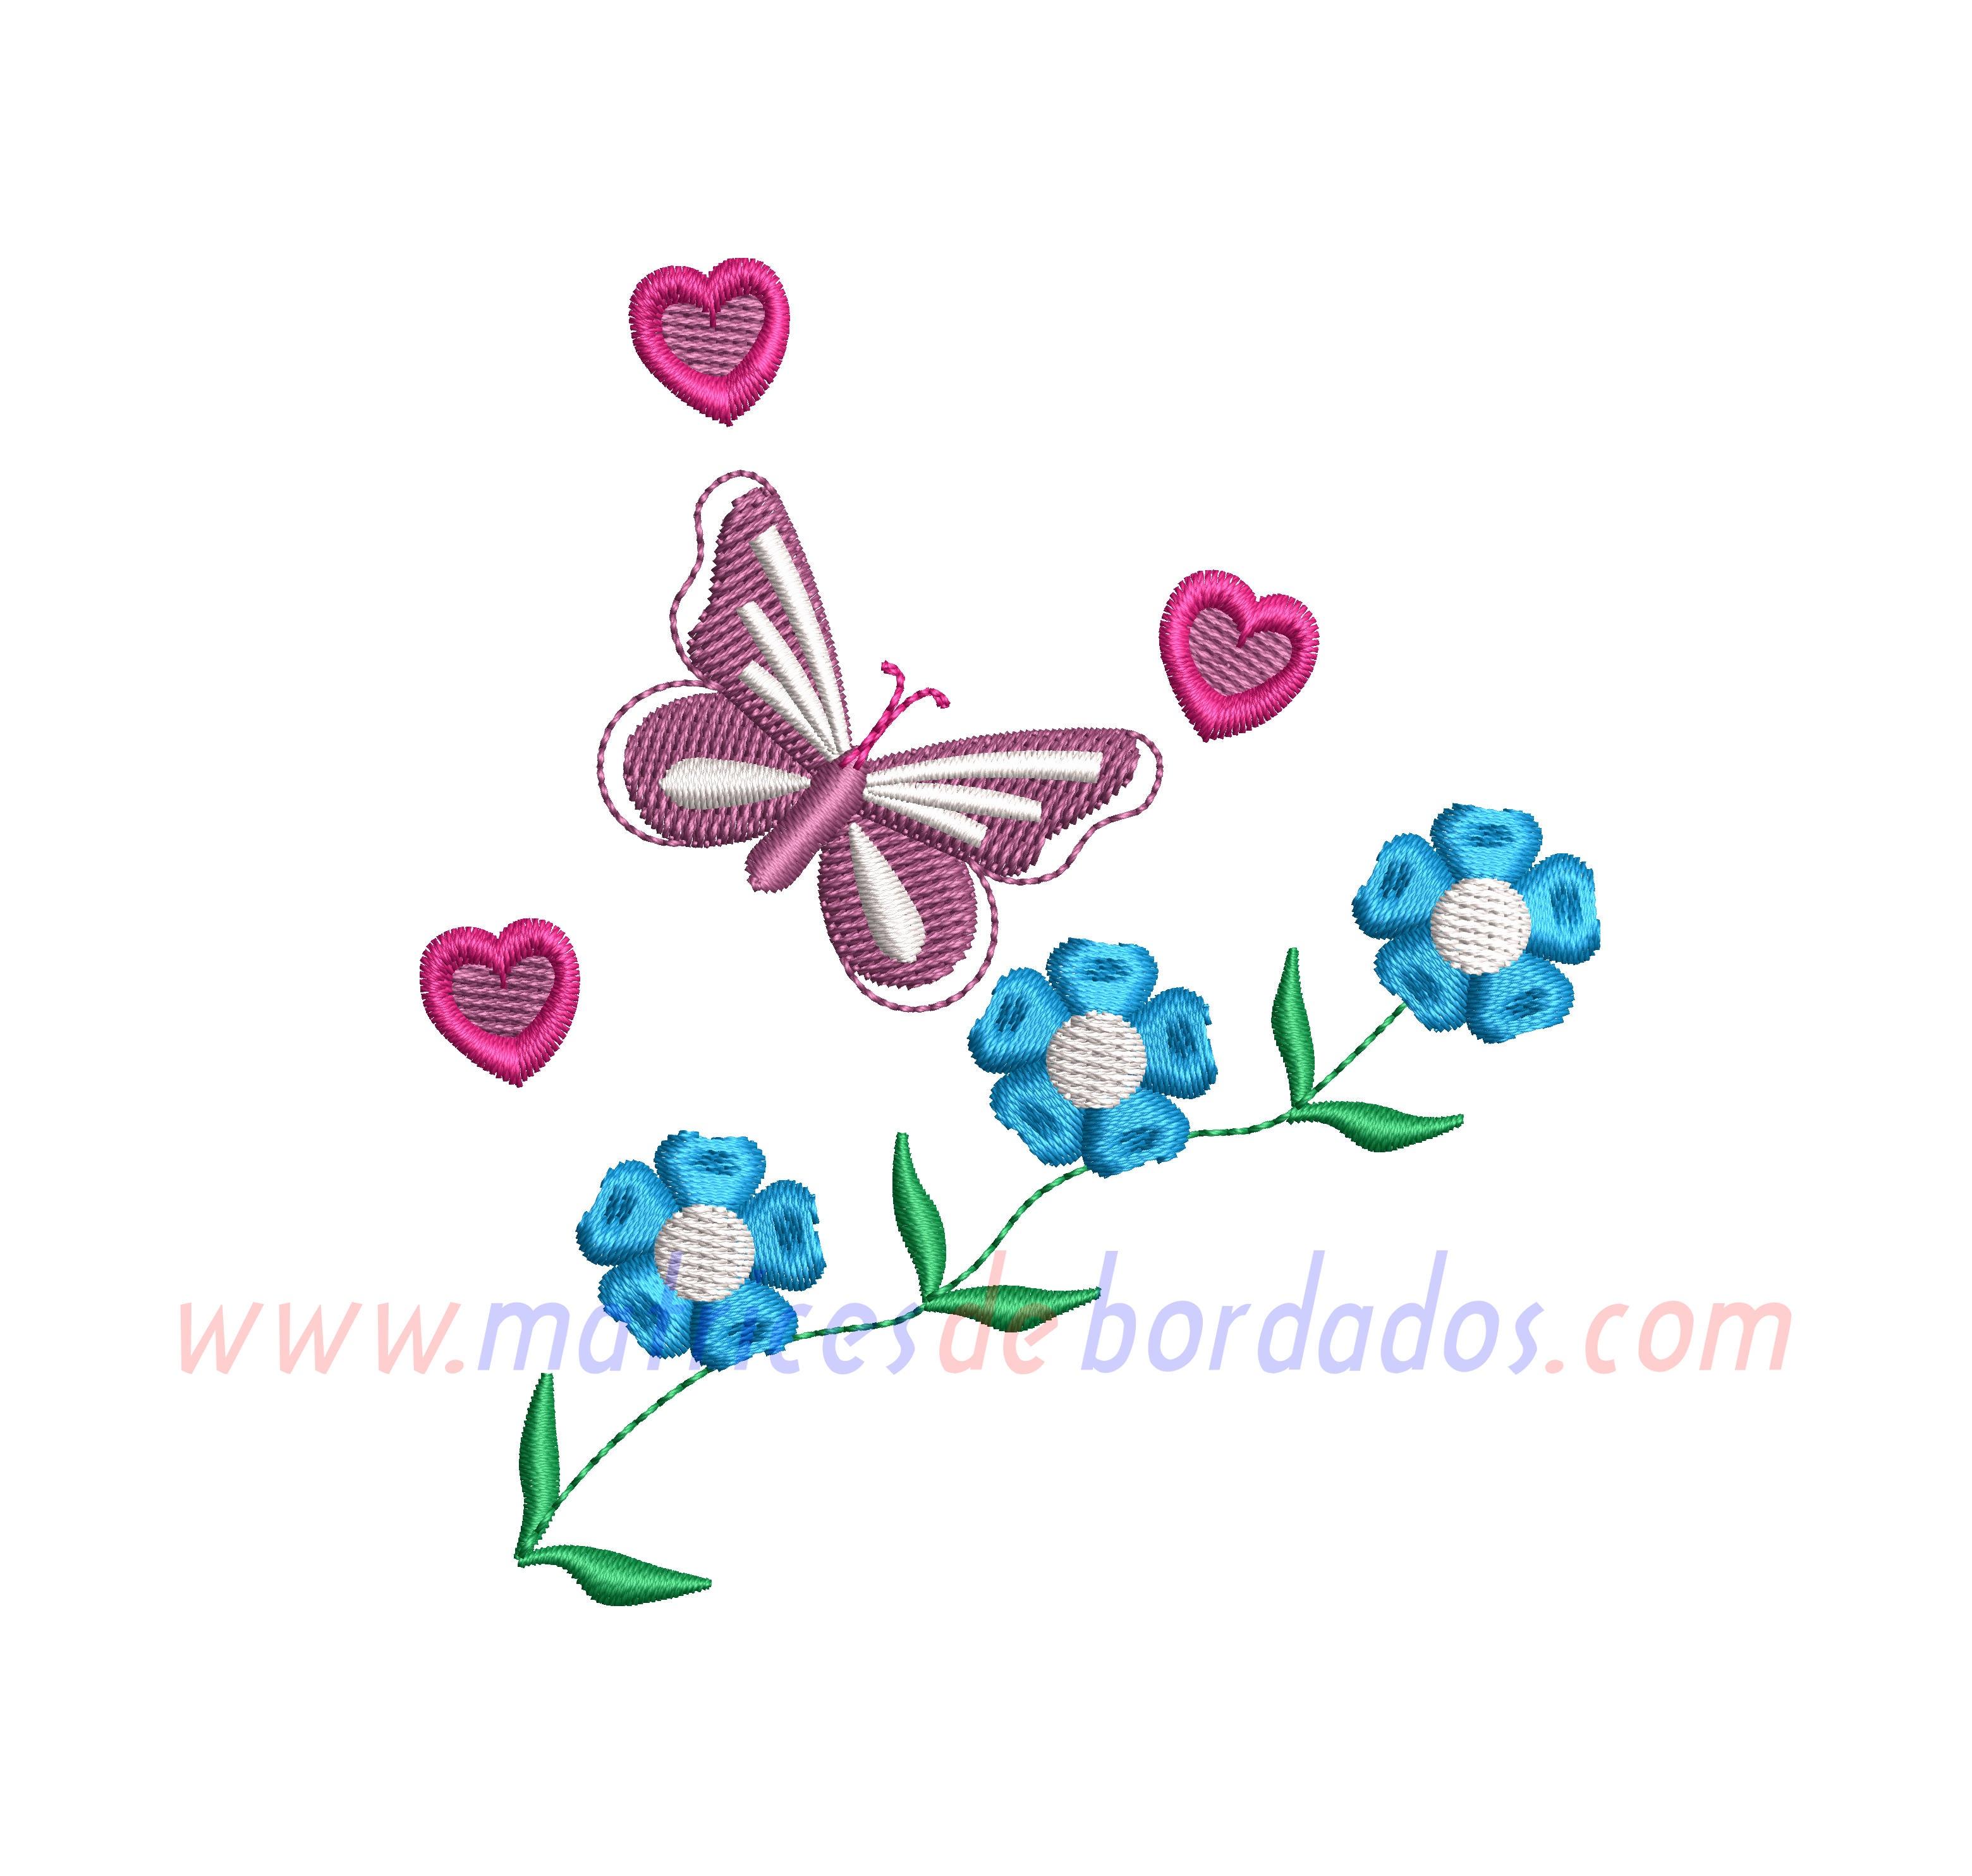 XH51TM - Flores y mariposa